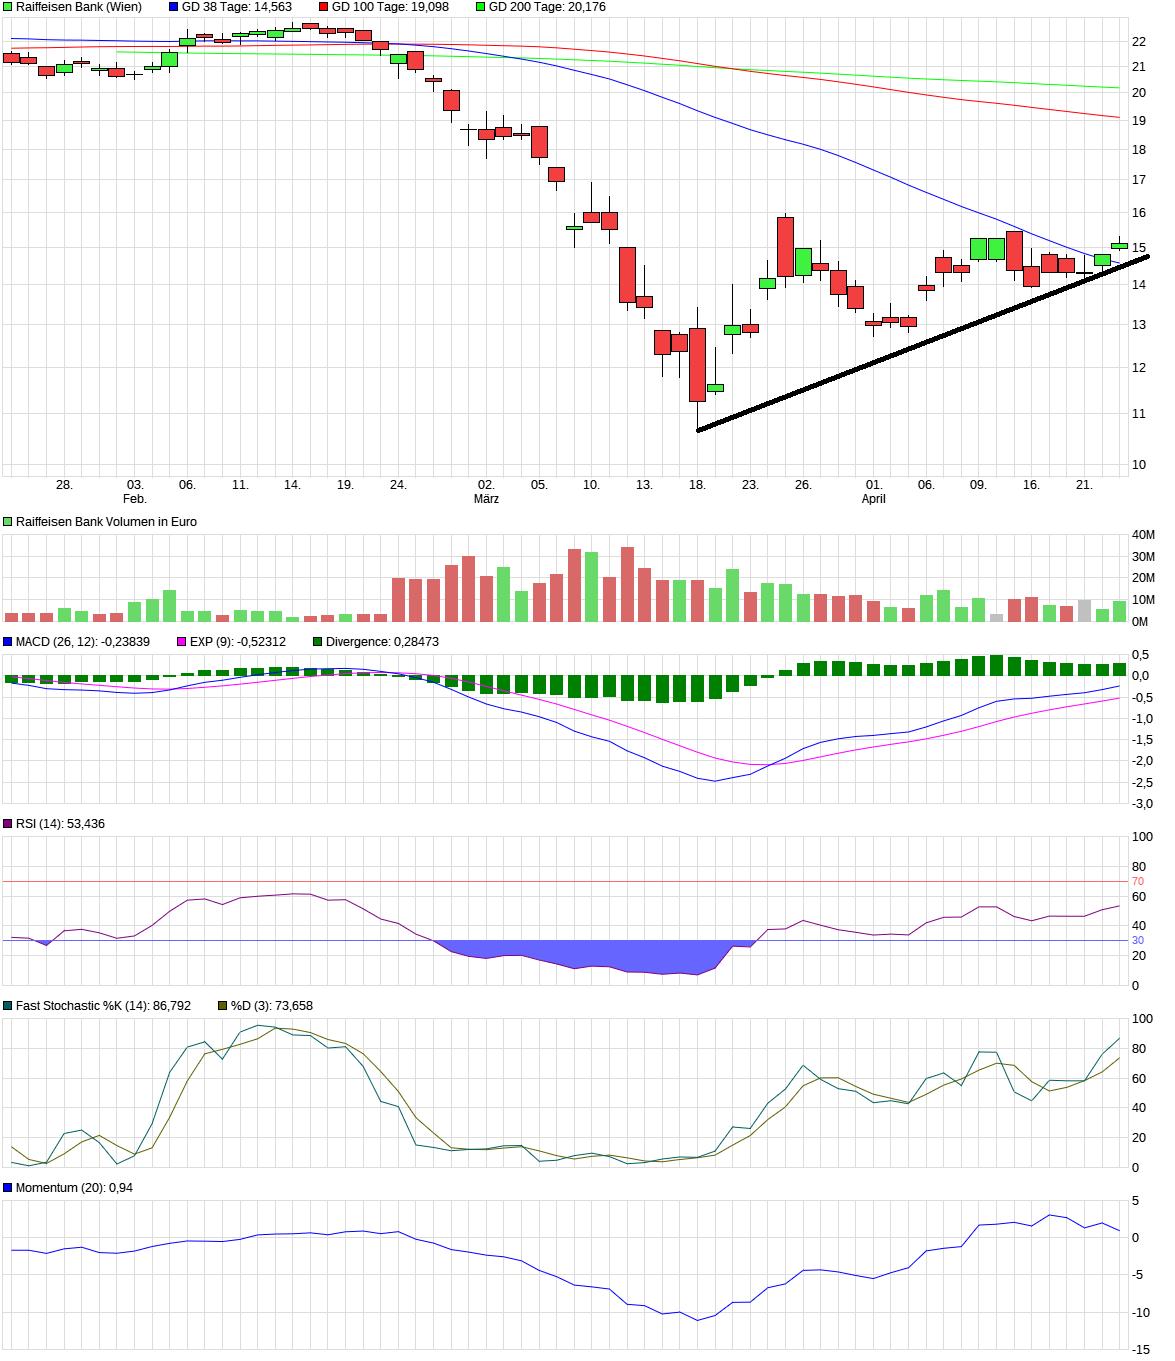 chart_quarter_raiffeisenbank.png